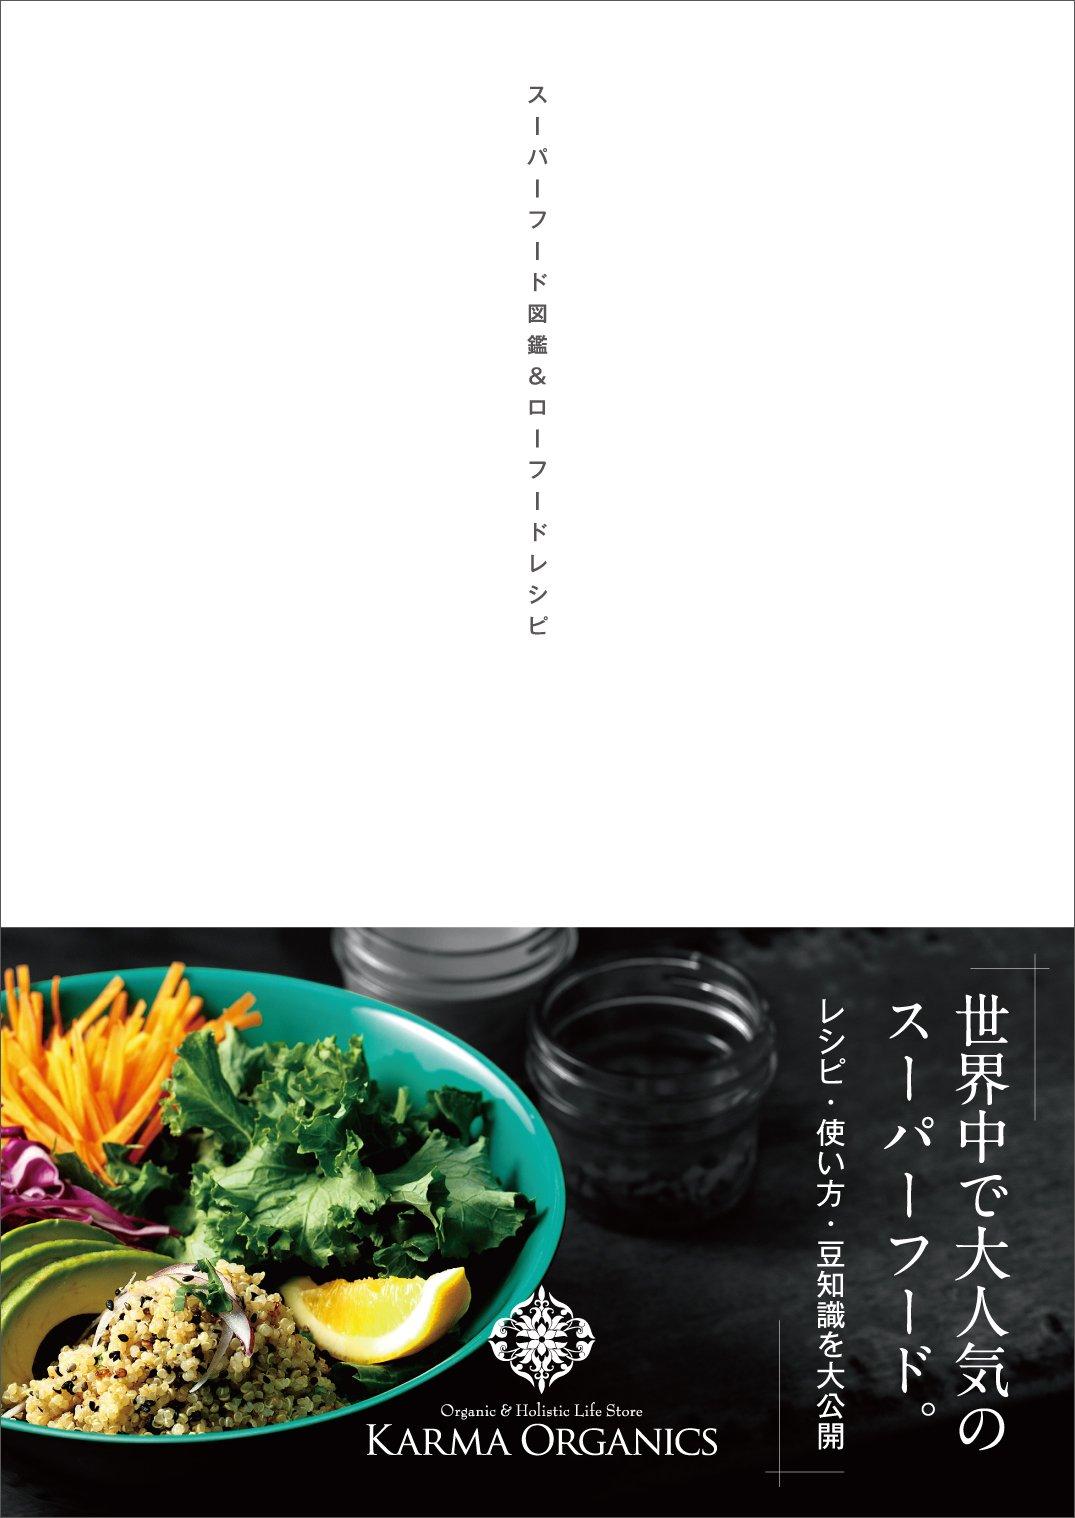 『スーパーフード図鑑 & ローフードレシピ』(veggy Books)をamazonで見る»